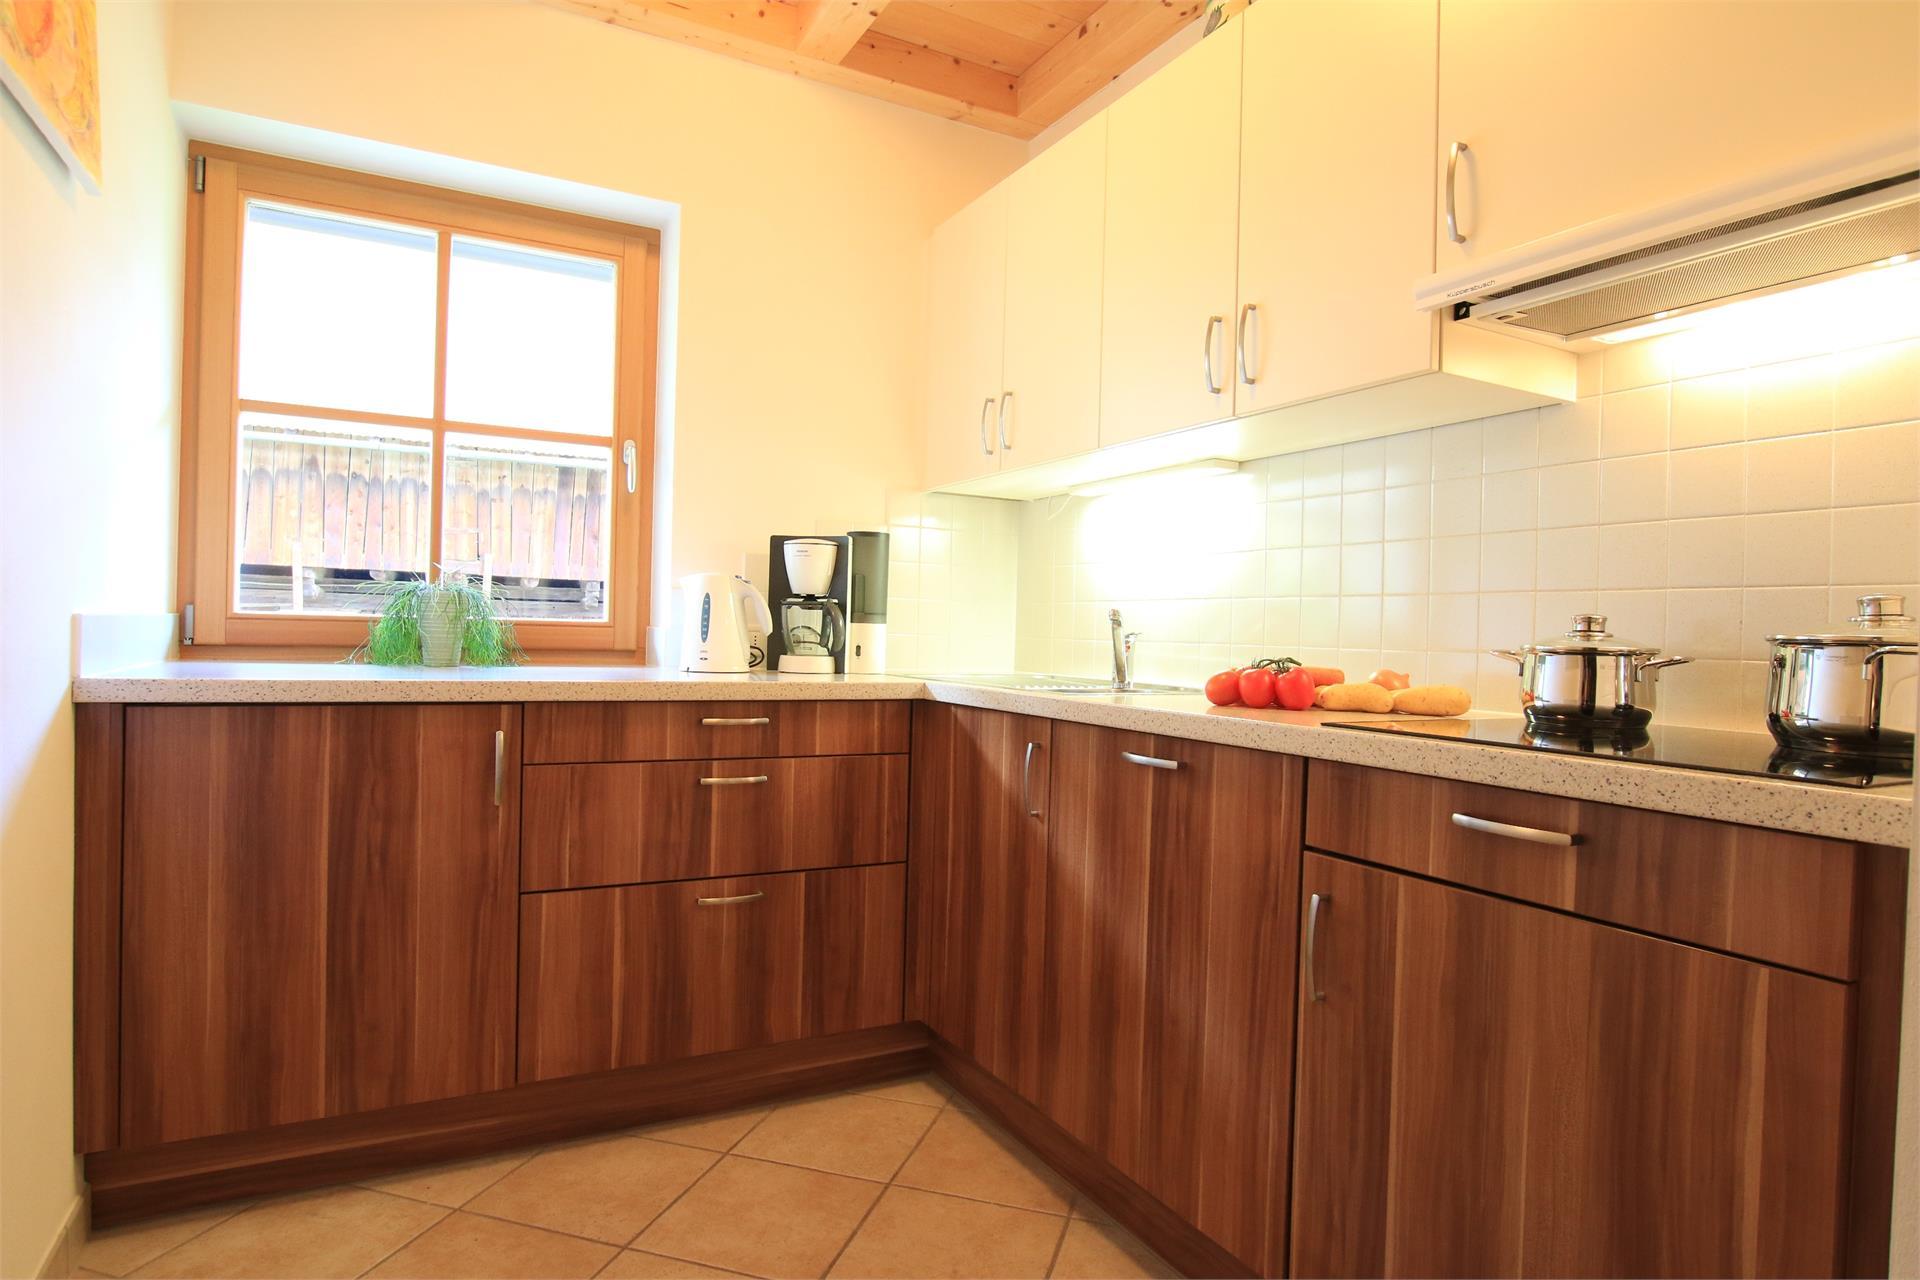 Komplett ausgestattete, abgetrennte Küche